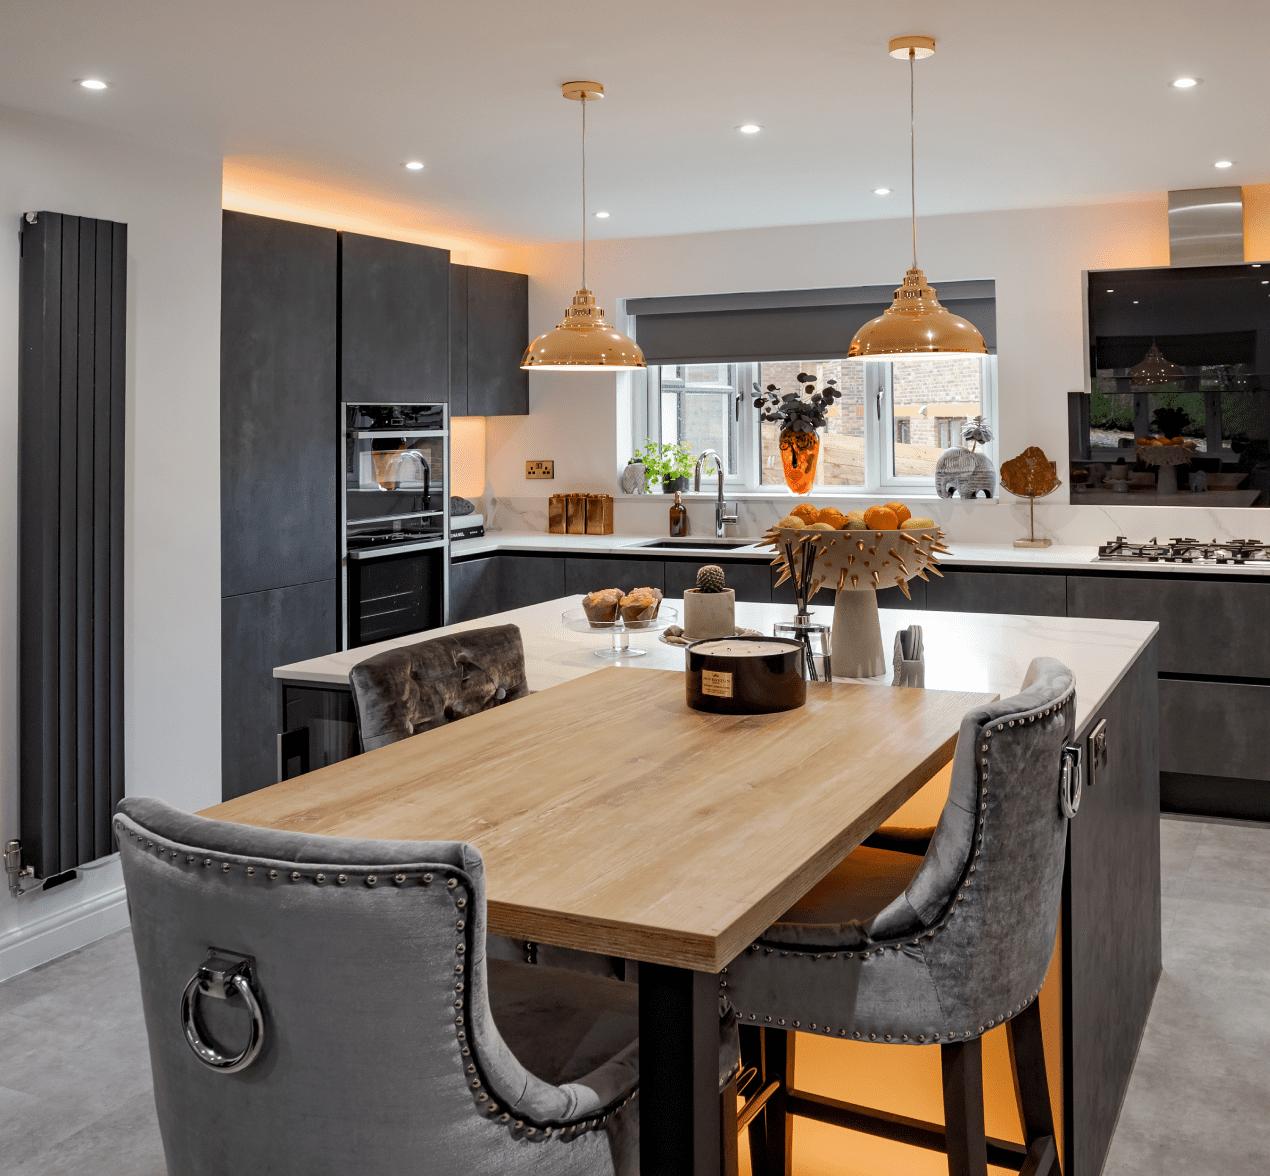 A 'Designer' Kitchen